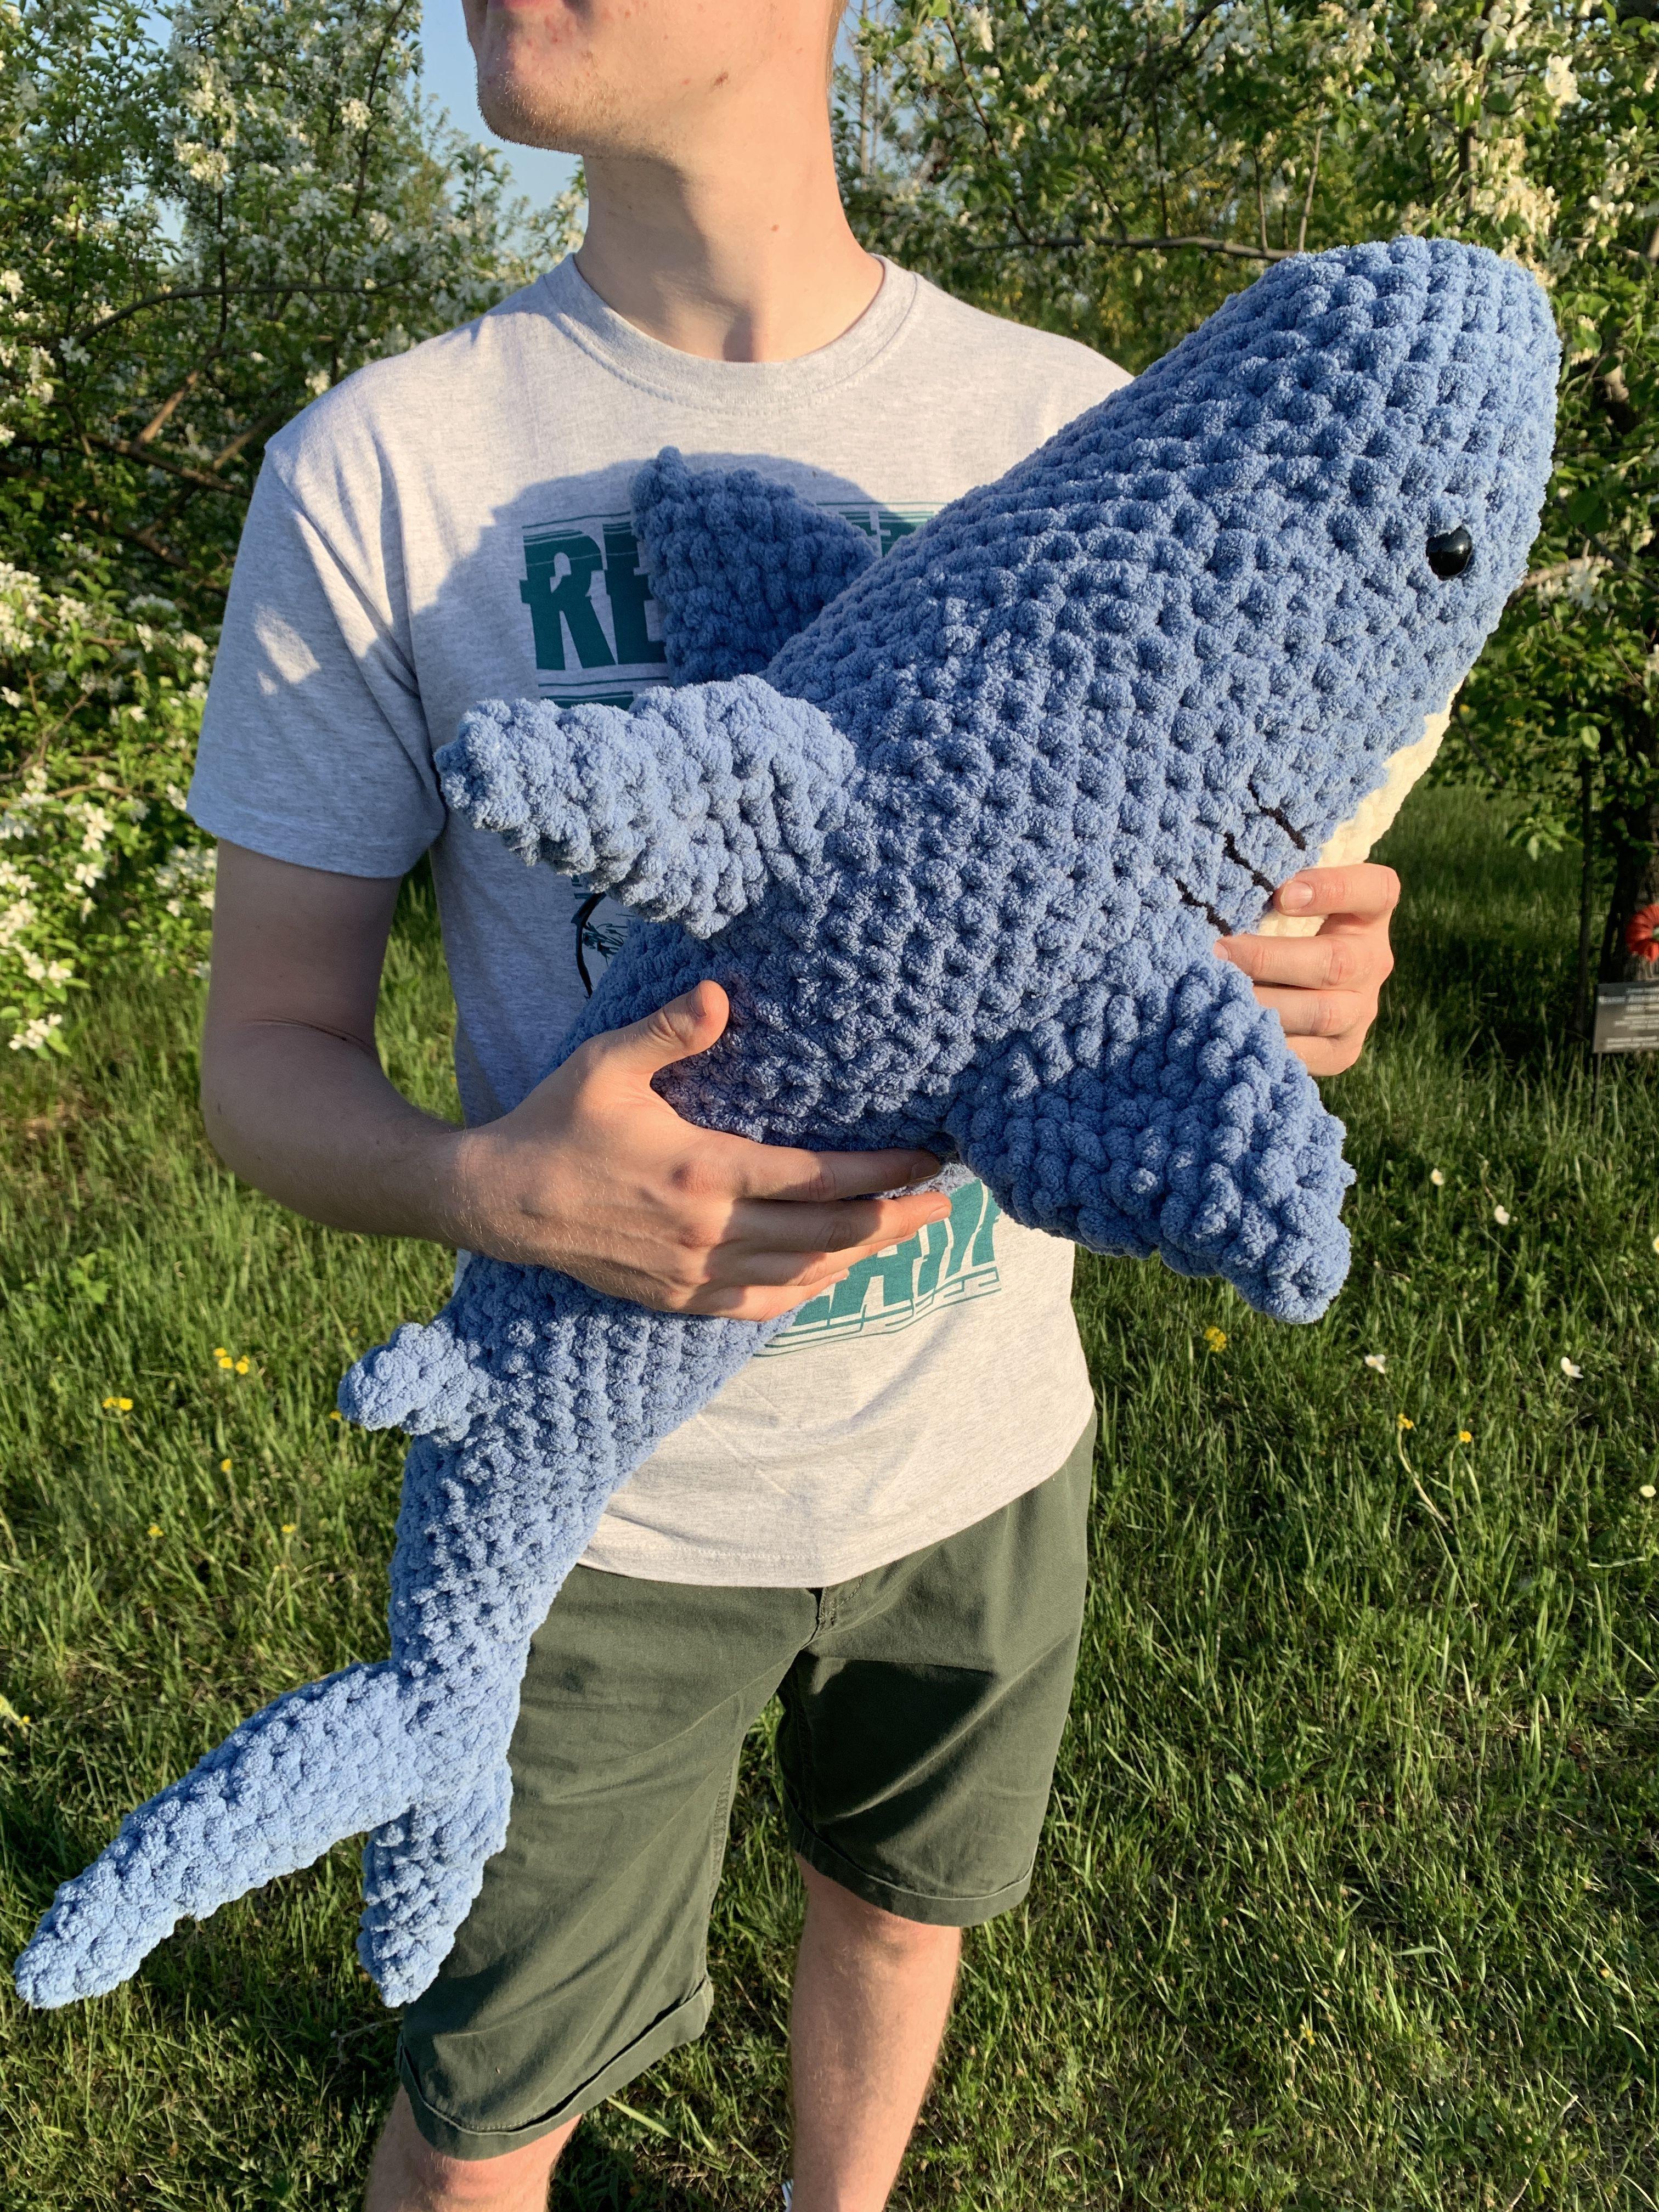 knitted shark, crocheted shark, soft shark, plush shark in ...